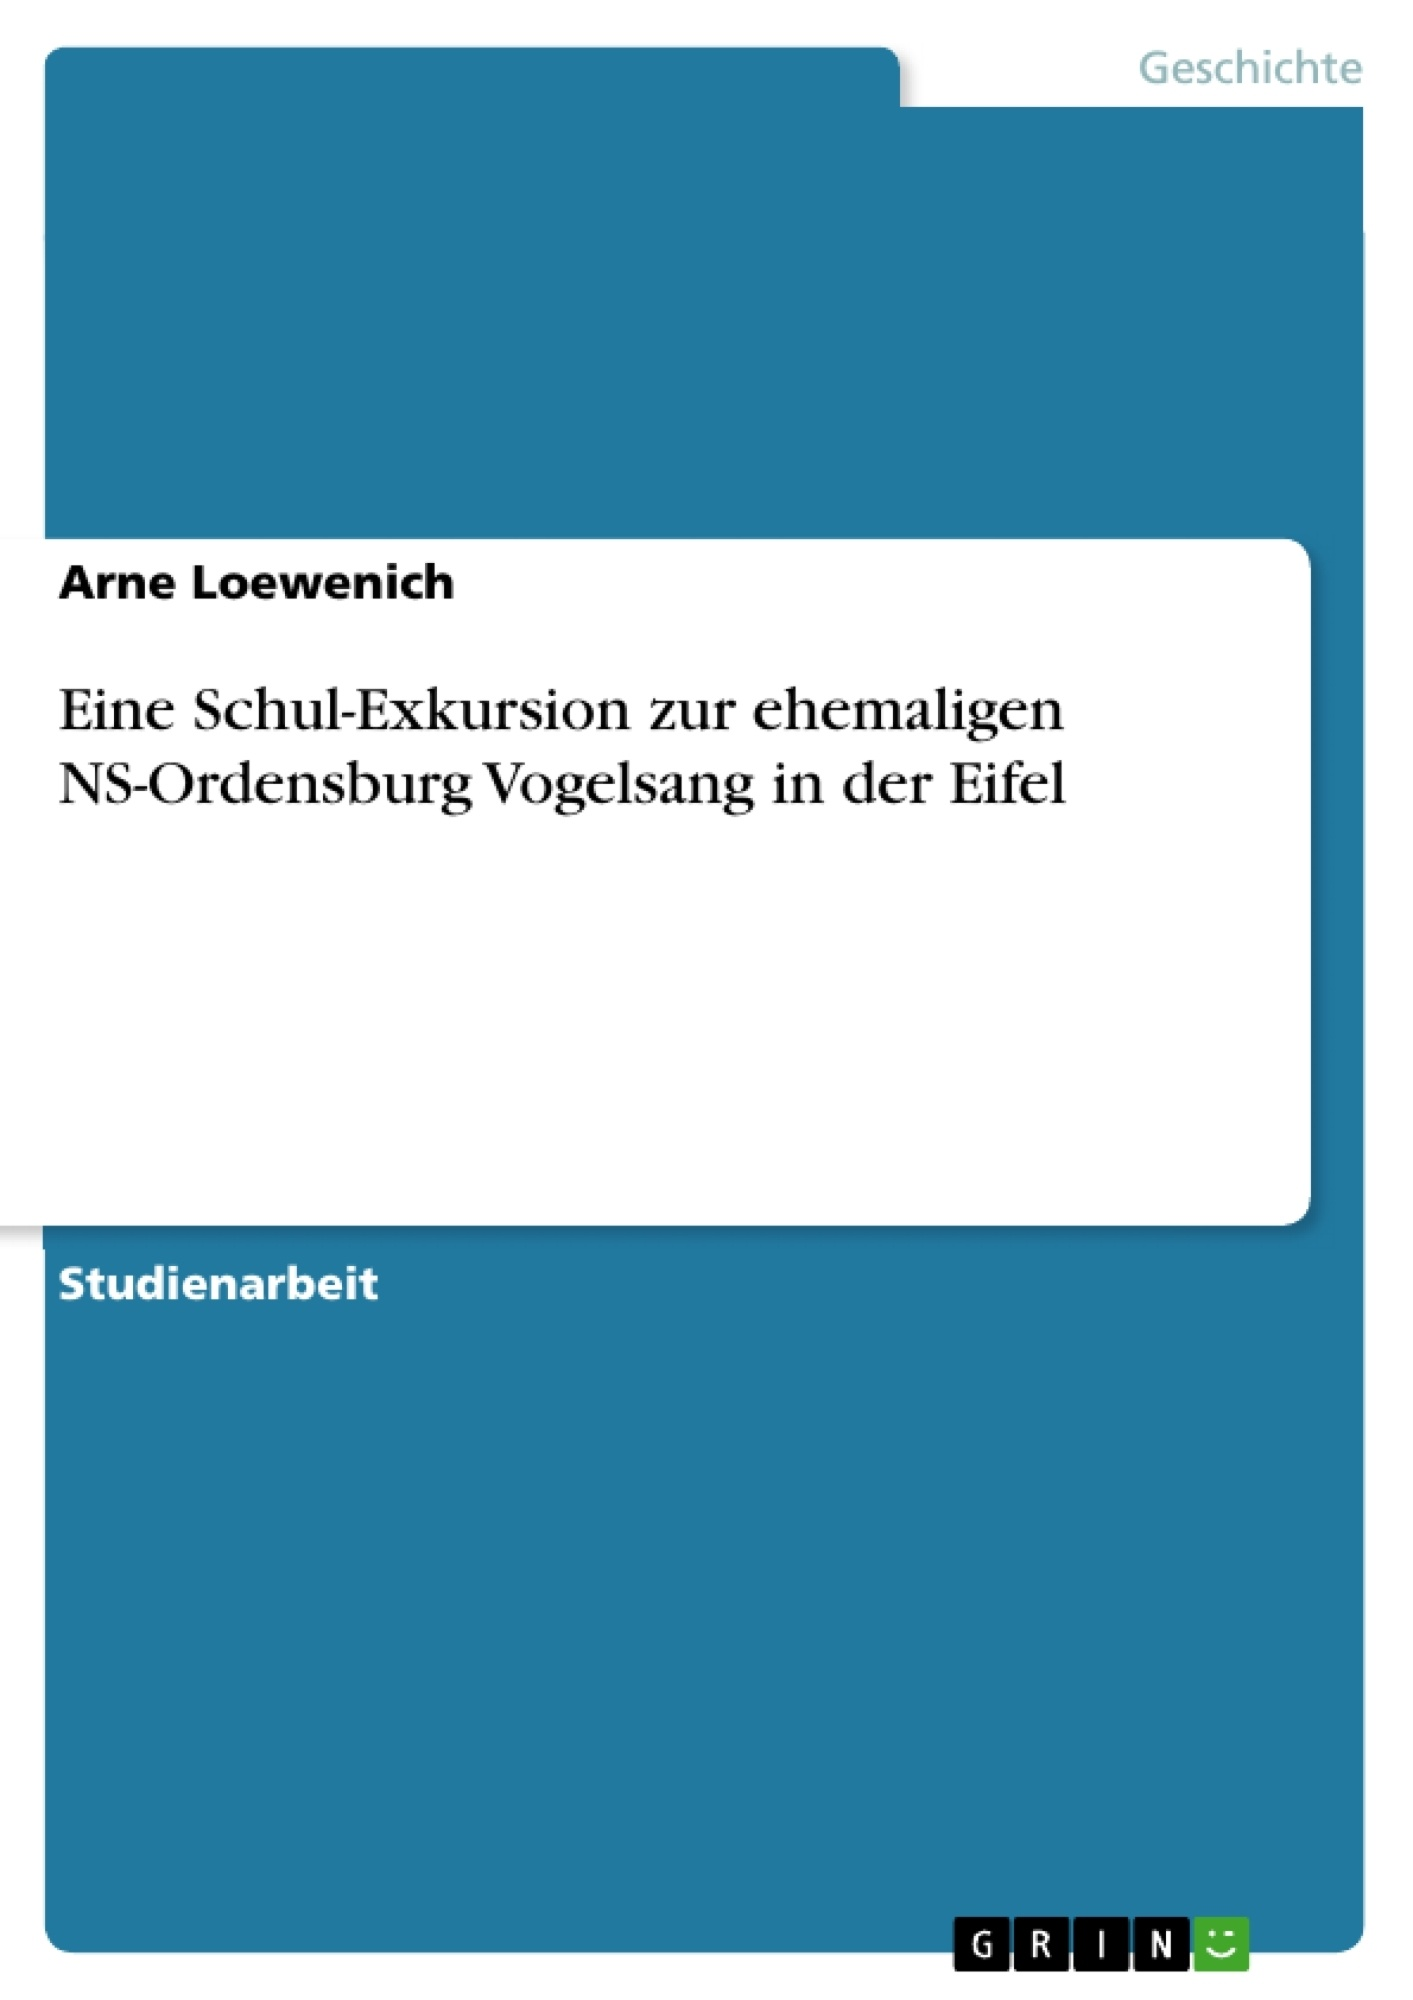 Titel: Eine Schul-Exkursion zur ehemaligen NS-Ordensburg Vogelsang in der Eifel